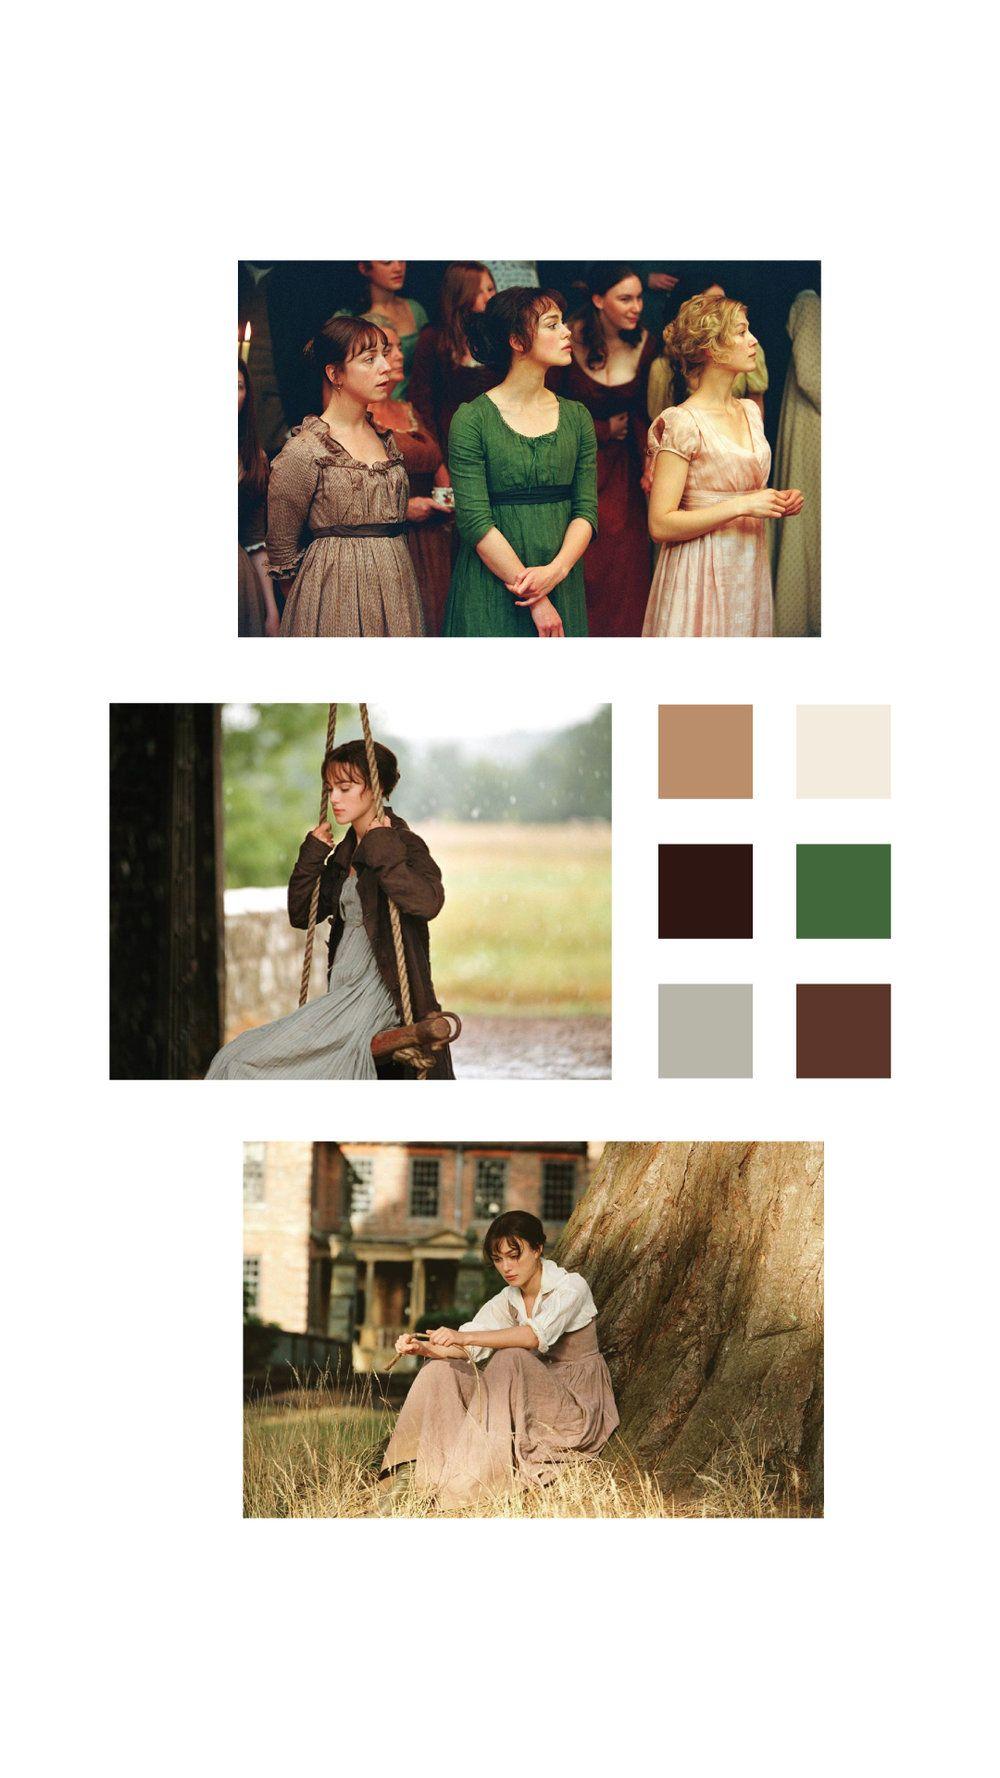 Color Palettes Based on Pride & Prejudice (2005) #prideandprejudice